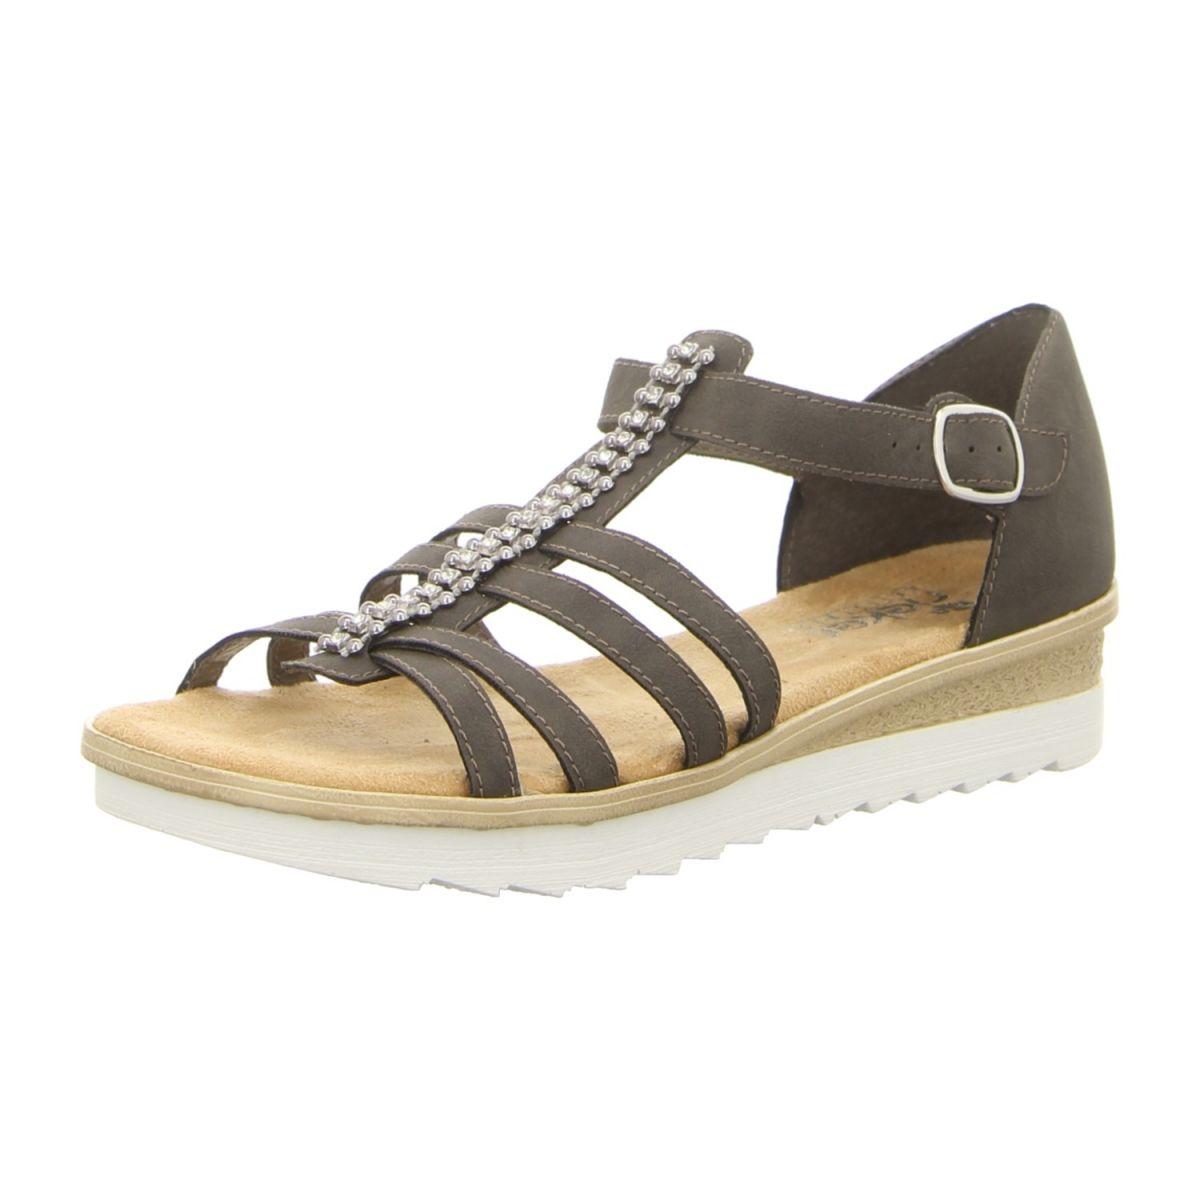 Neu Rieker Sandalen 63128 45 Grau Sandalen Damenschuhe Rieker Schuhe